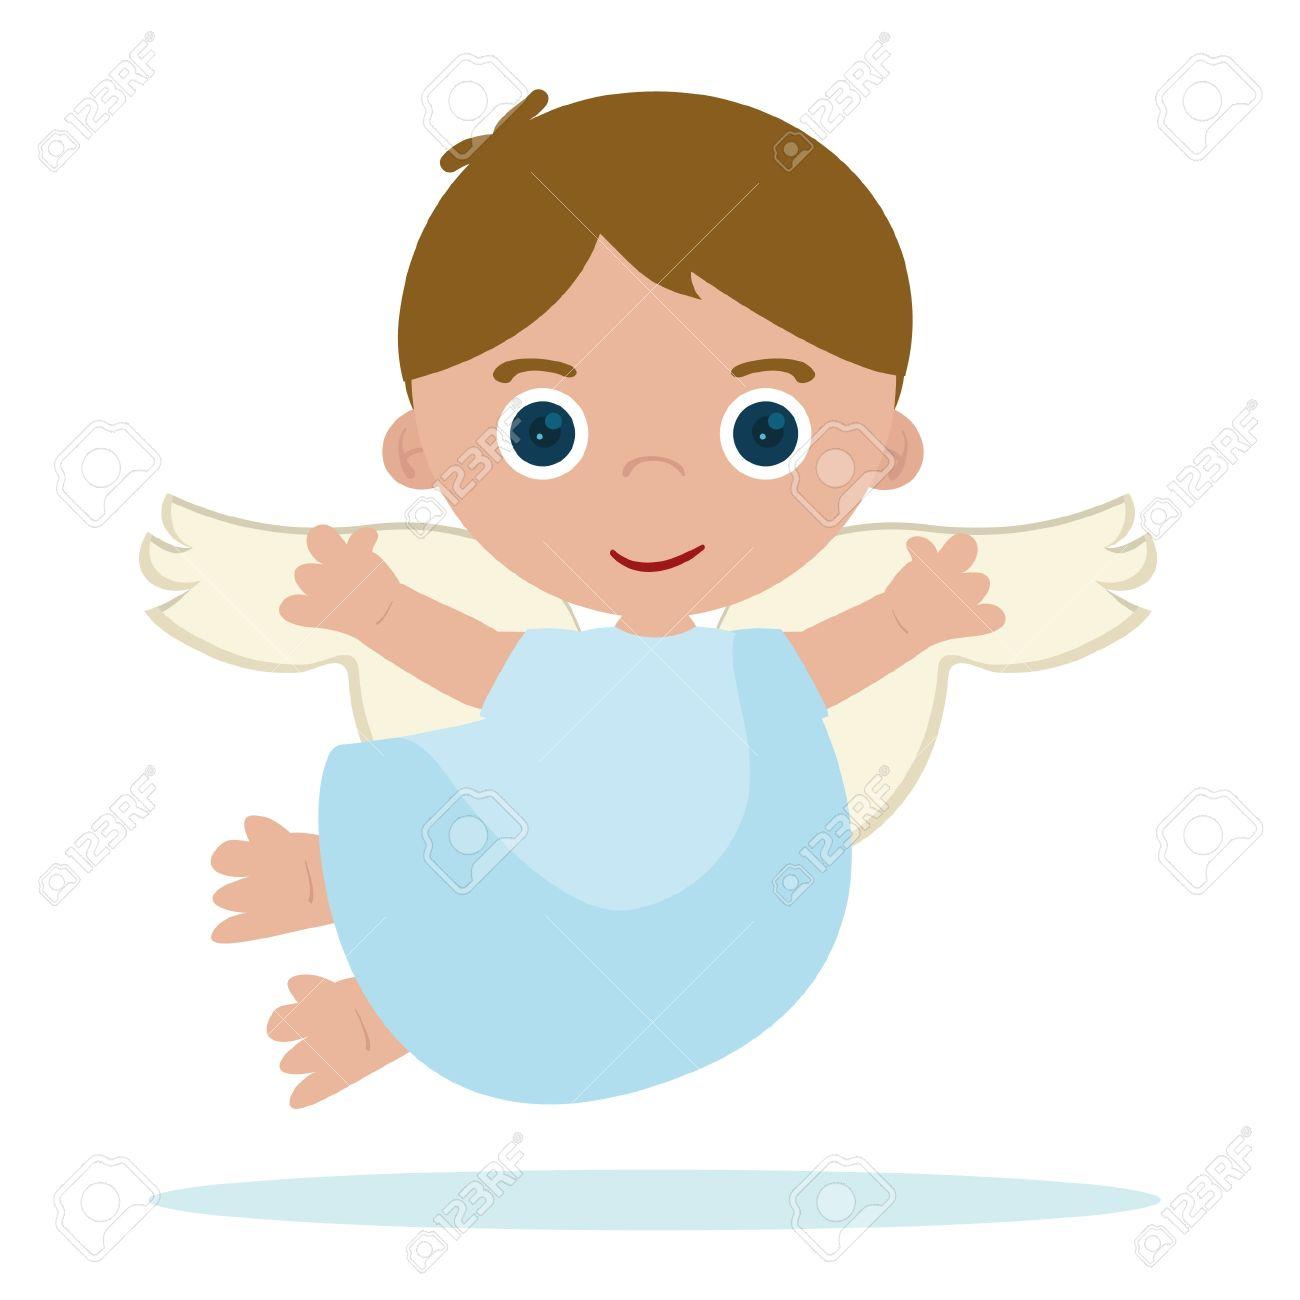 cute little angel flying in heaven - 15603180